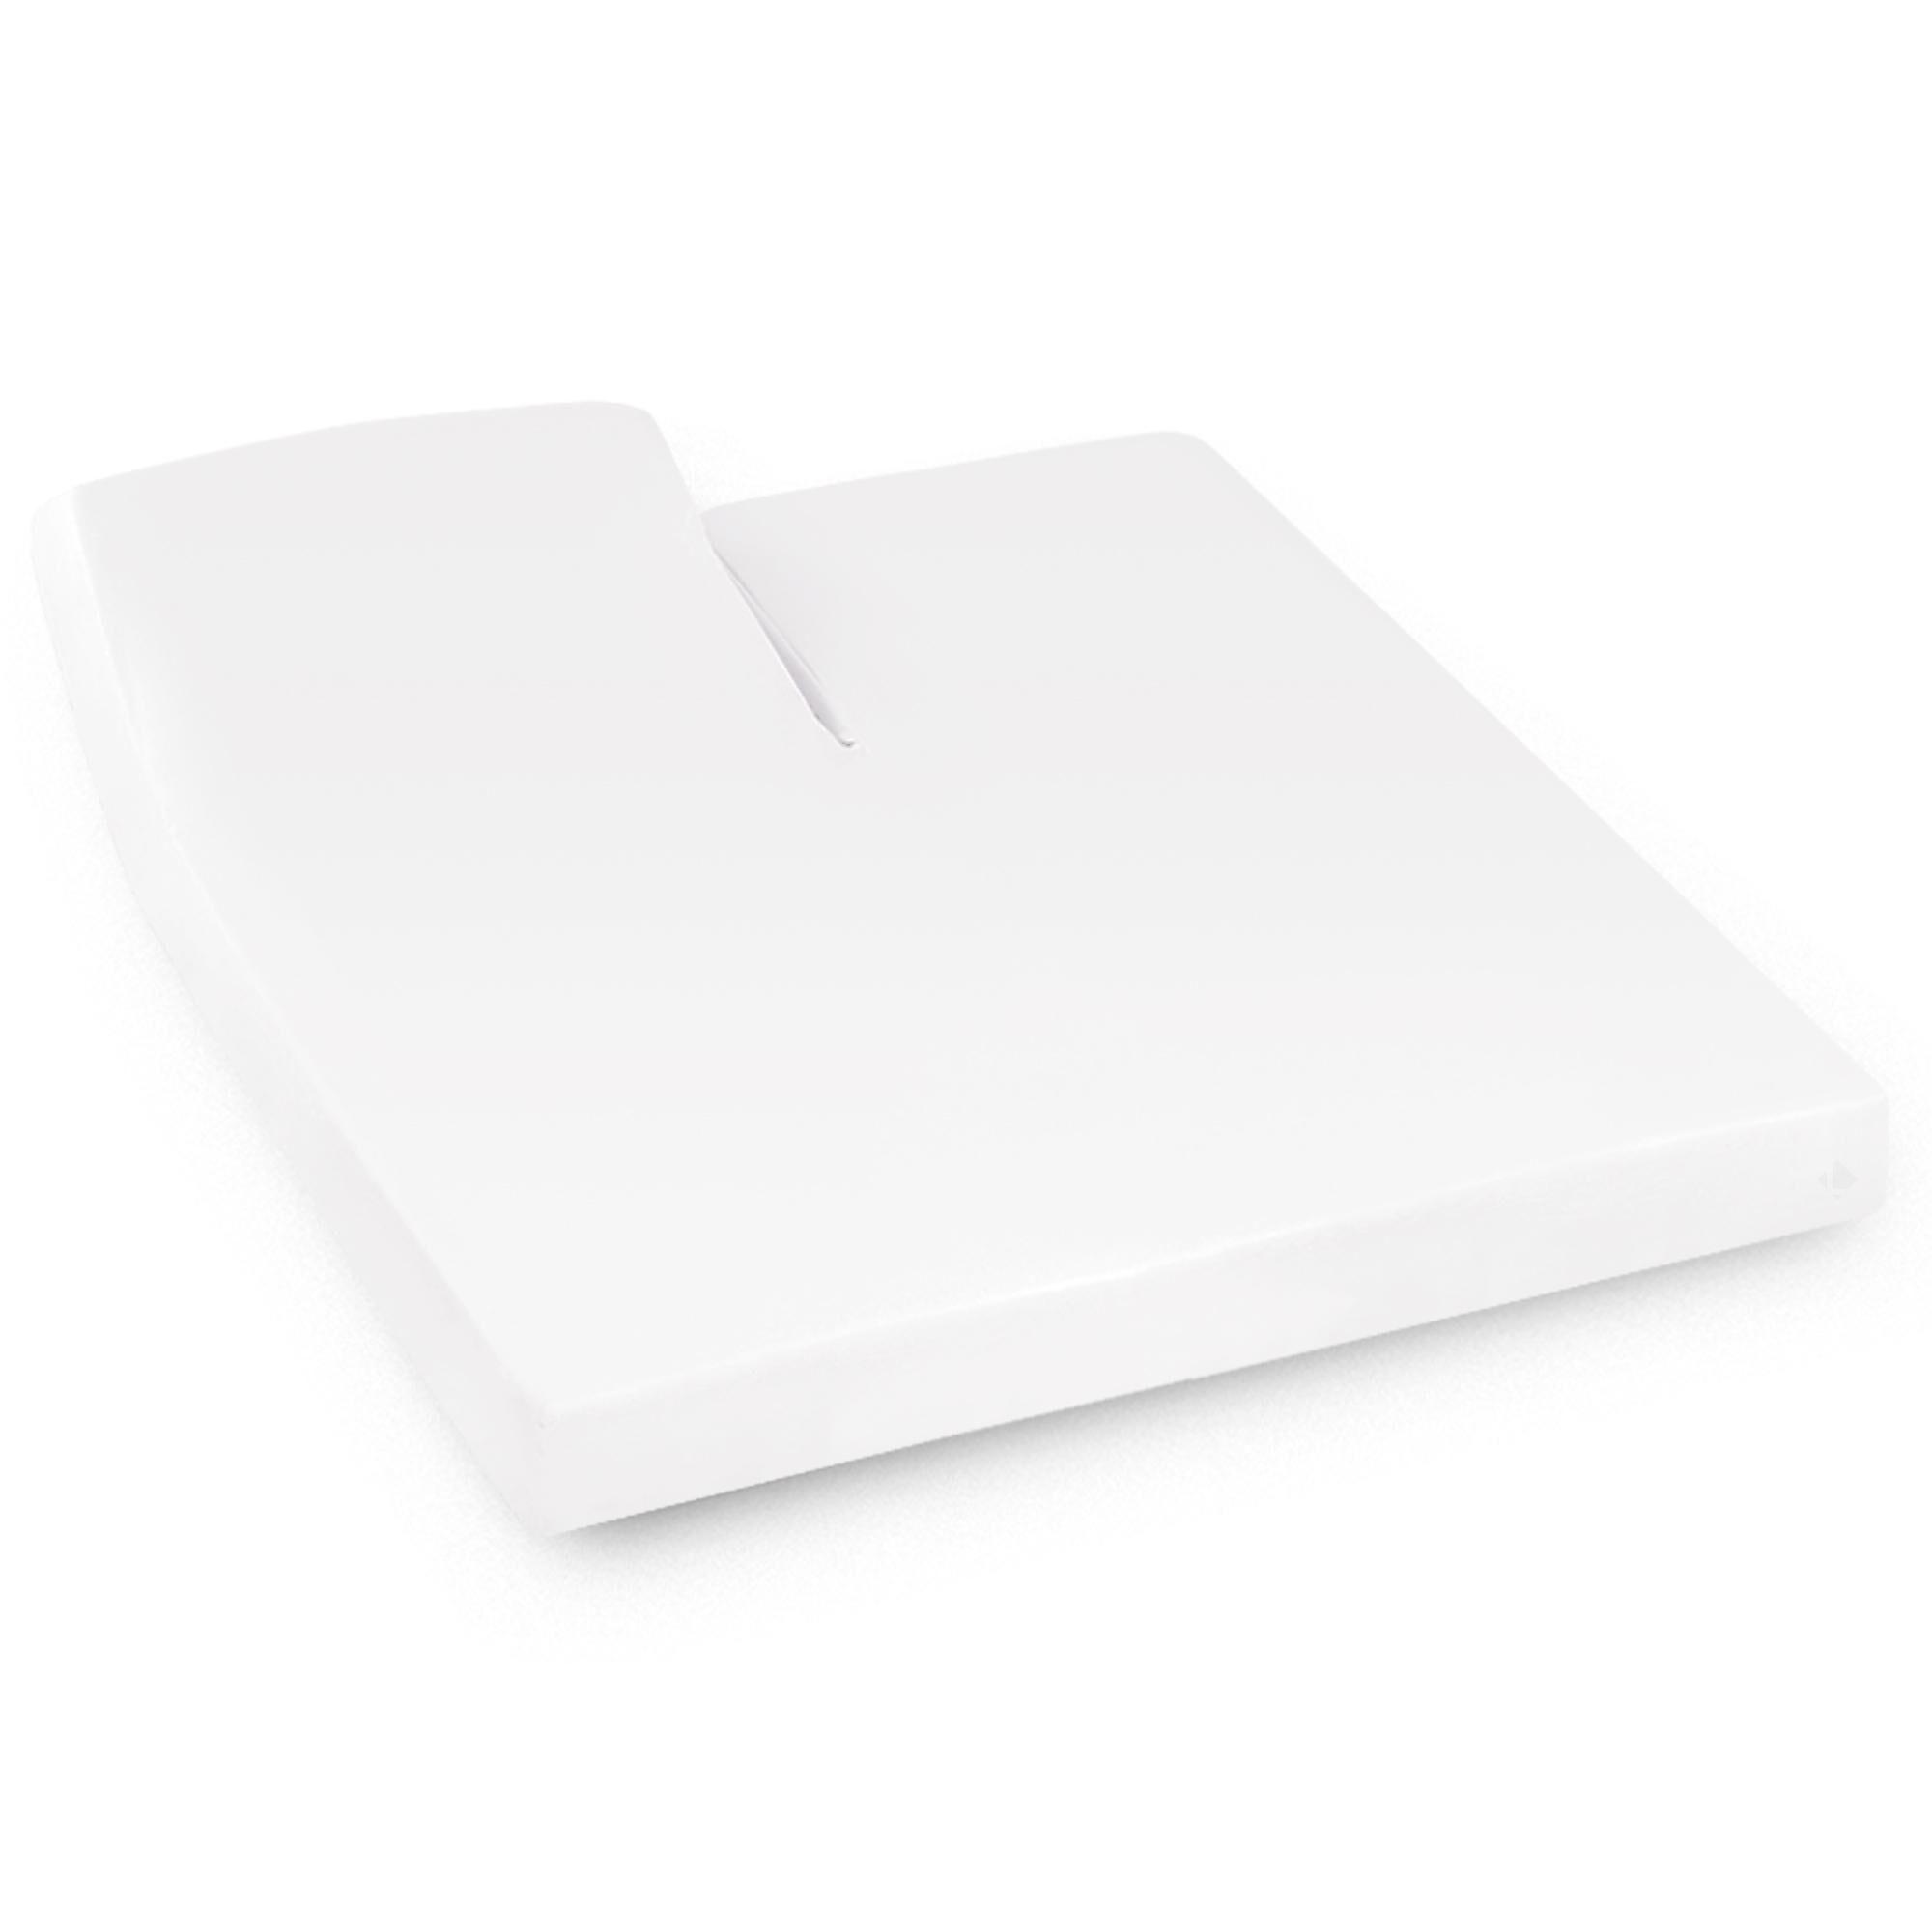 Linnea Protège matelas imperméable 2x80x210 cm lit articulé TR bonnet 40cm ARNON molleton 100% coton contrecollé polyuréthane